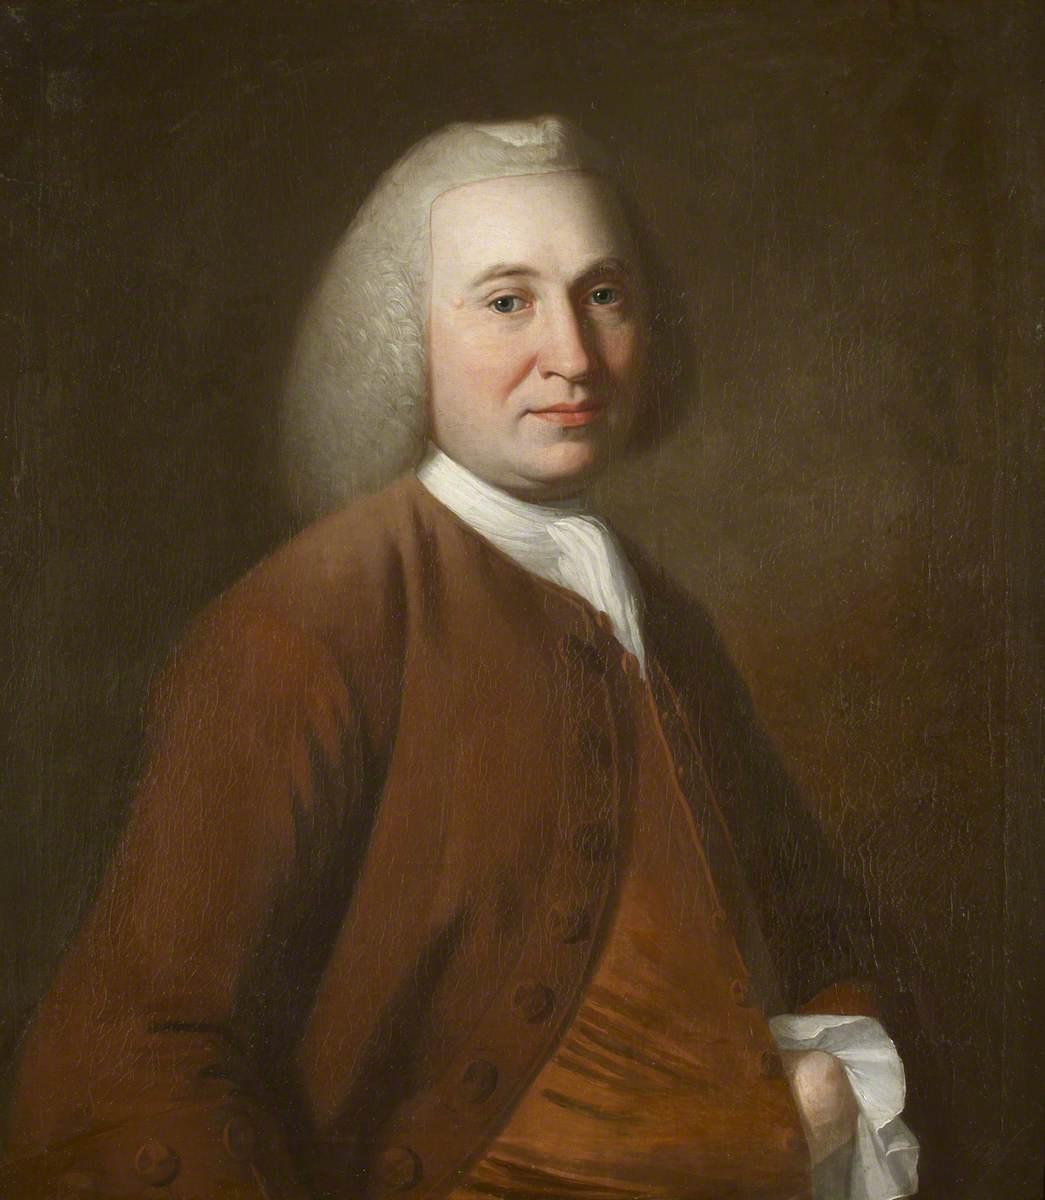 George Romney. Hugh Holm, deputy rector of Kendal